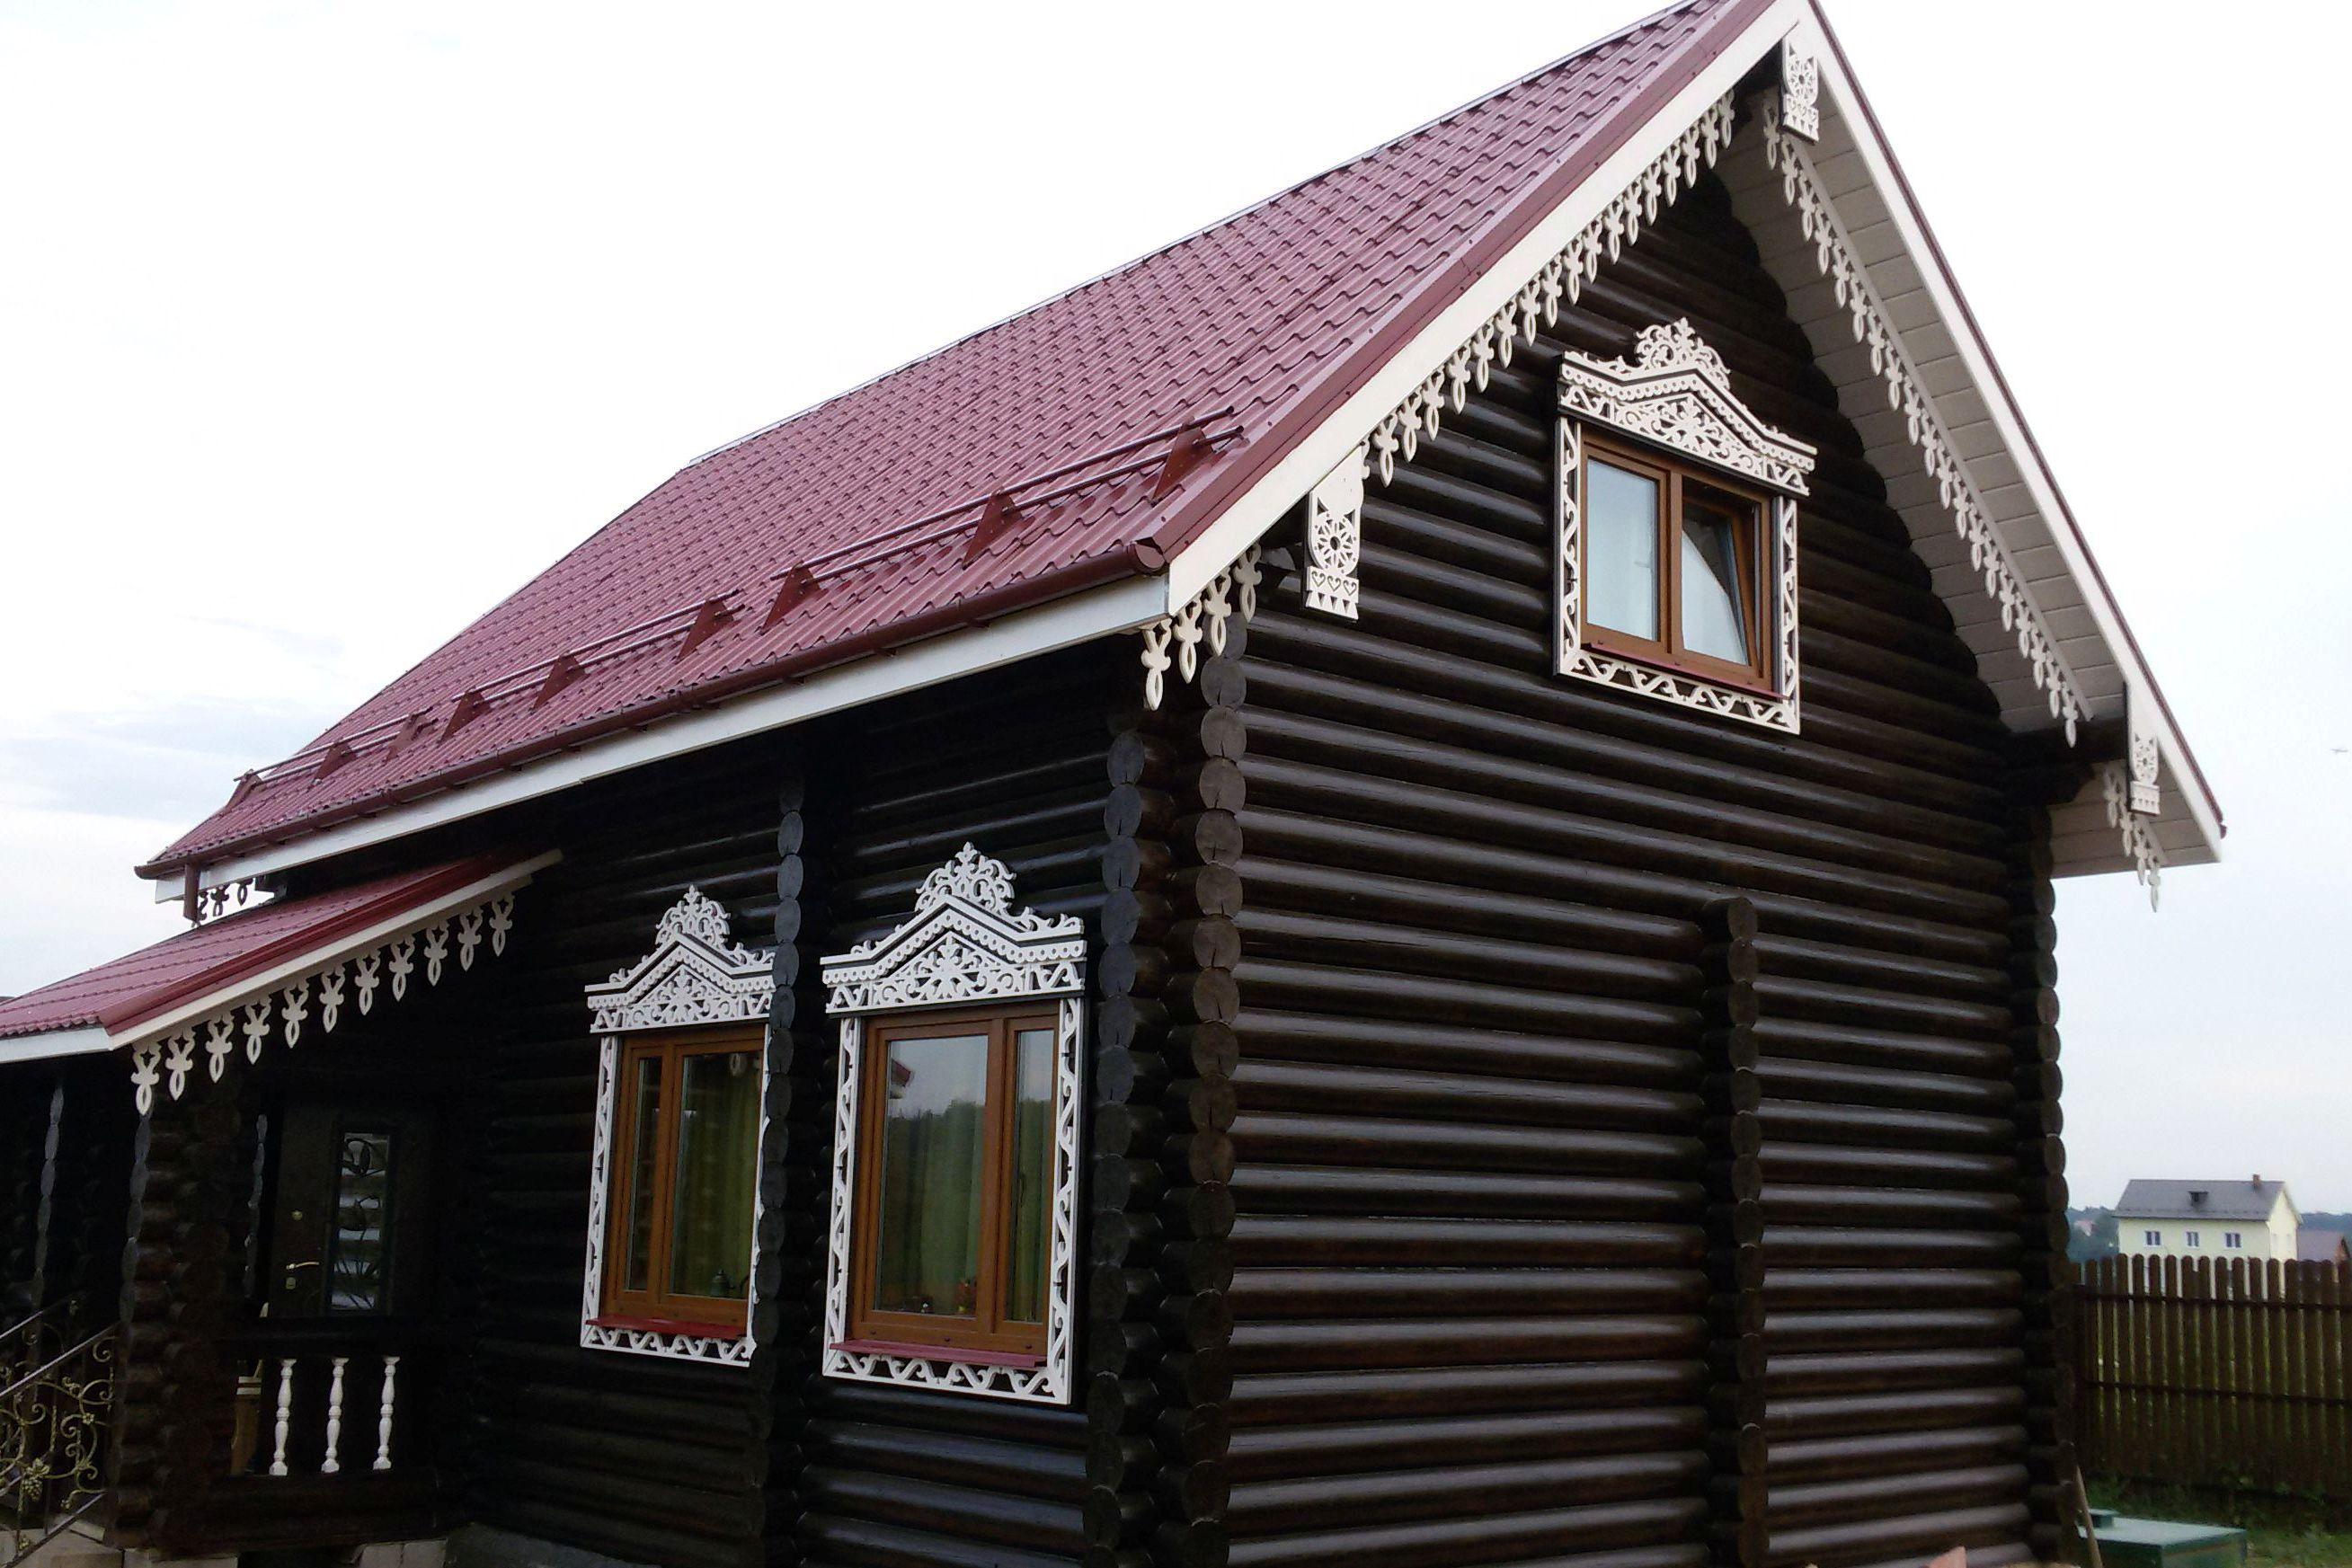 Светлые резные наличники и карнизы на темном фасаде деревянного дома